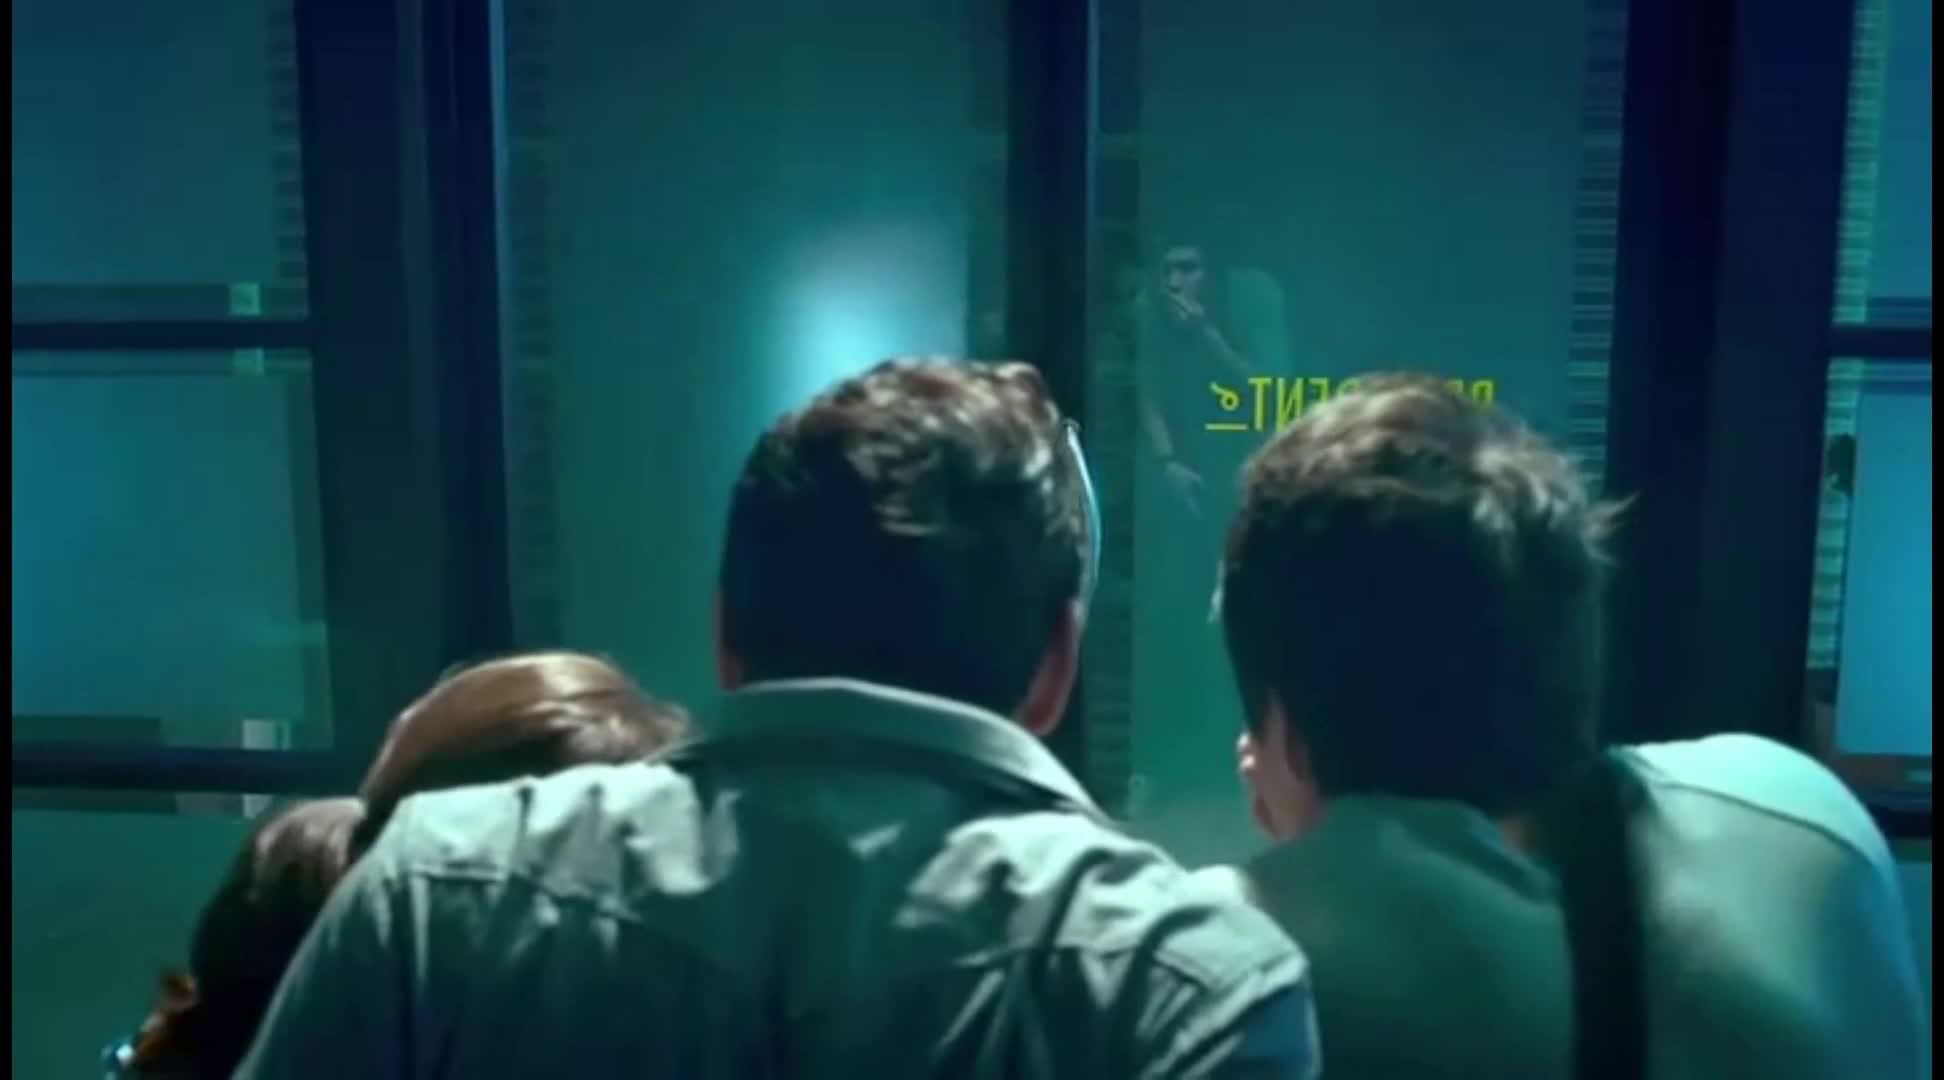 已死男子突然诈尸,此时突然停电,众人惊慌惹而逃